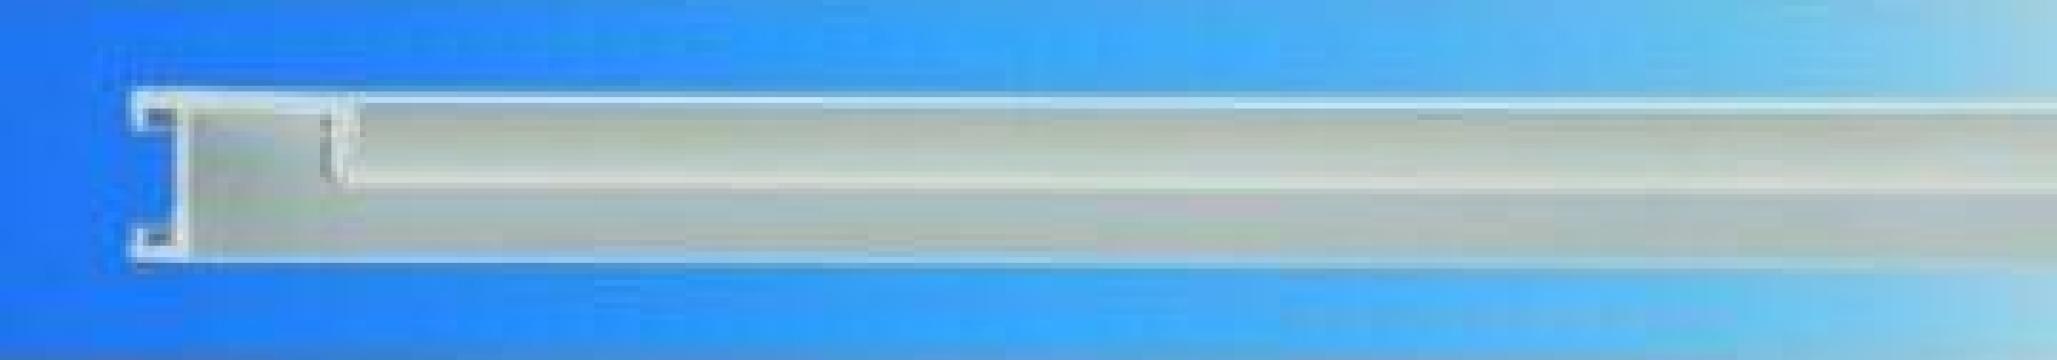 Profil aluminiu A1 albastru,auriu de la Frameart Decor Srl.